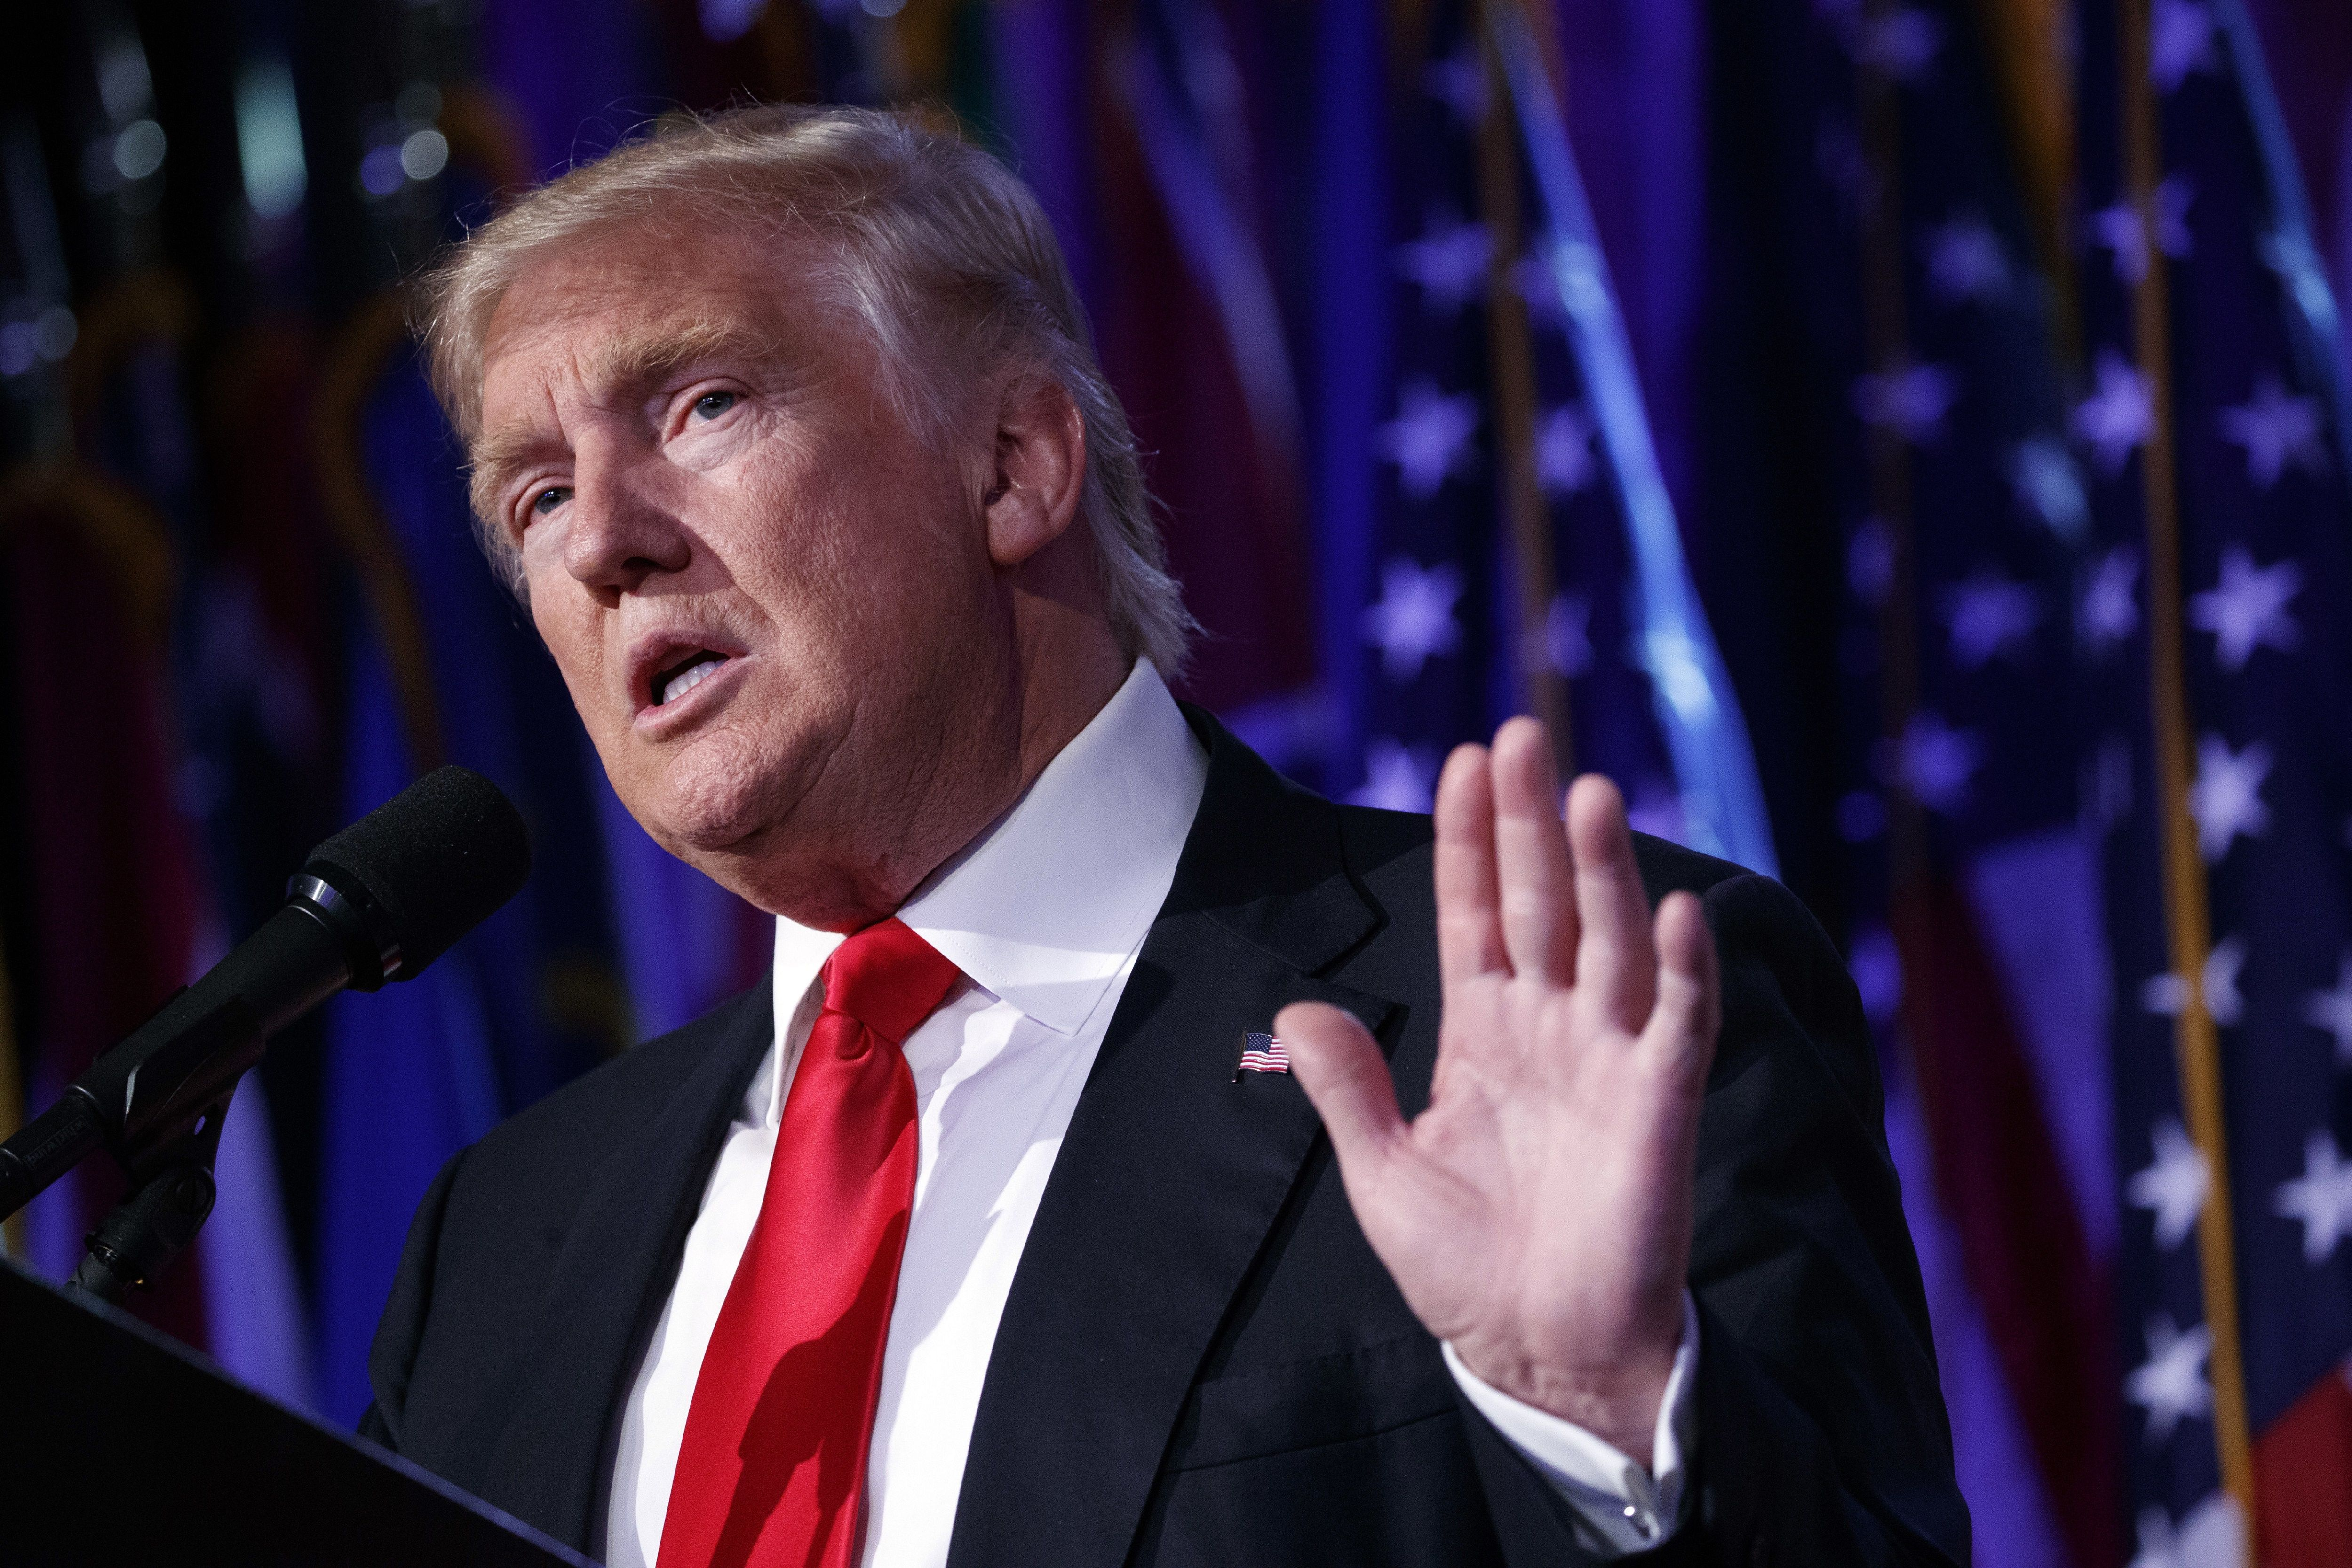 El presidente electo Donald Trump. Foto de AP.